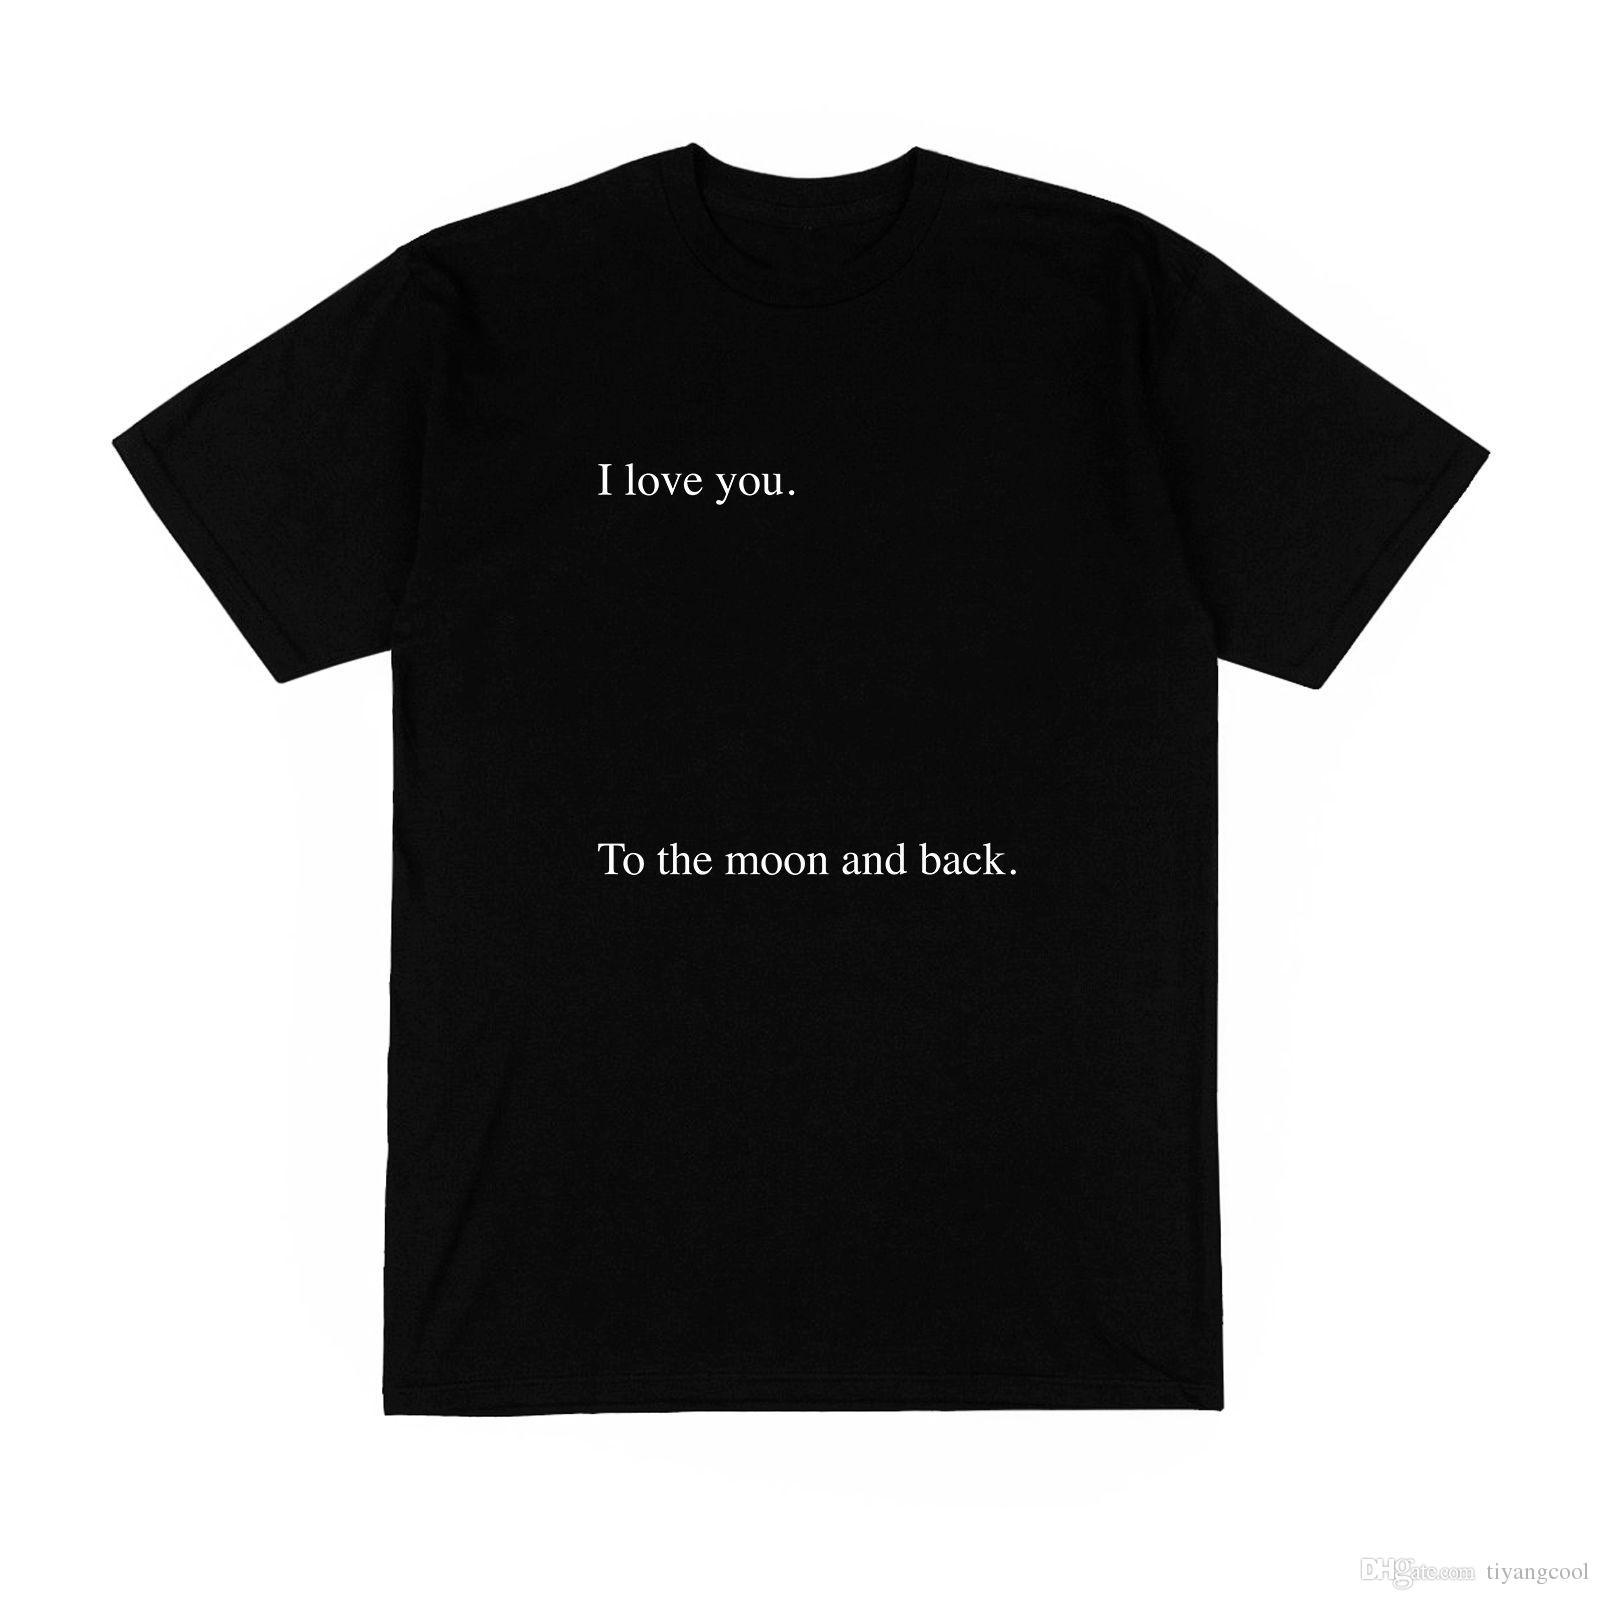 Camiseta Homme Monsieur Te Quiero Je Taime Pareja Amour émotion Frase Modo